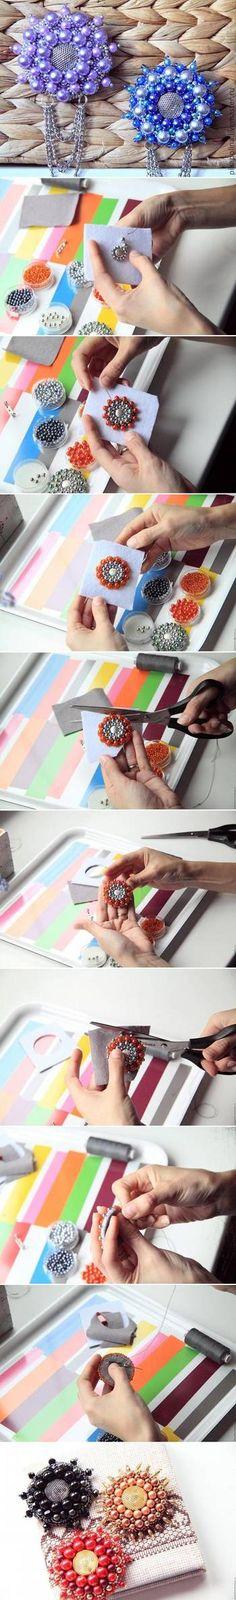 お好みのビーズをフェルトに丸く刺繍していき、縁にもビーズを縫い付けてブローチピンをつけると、花のような丸いブローチの完成です。